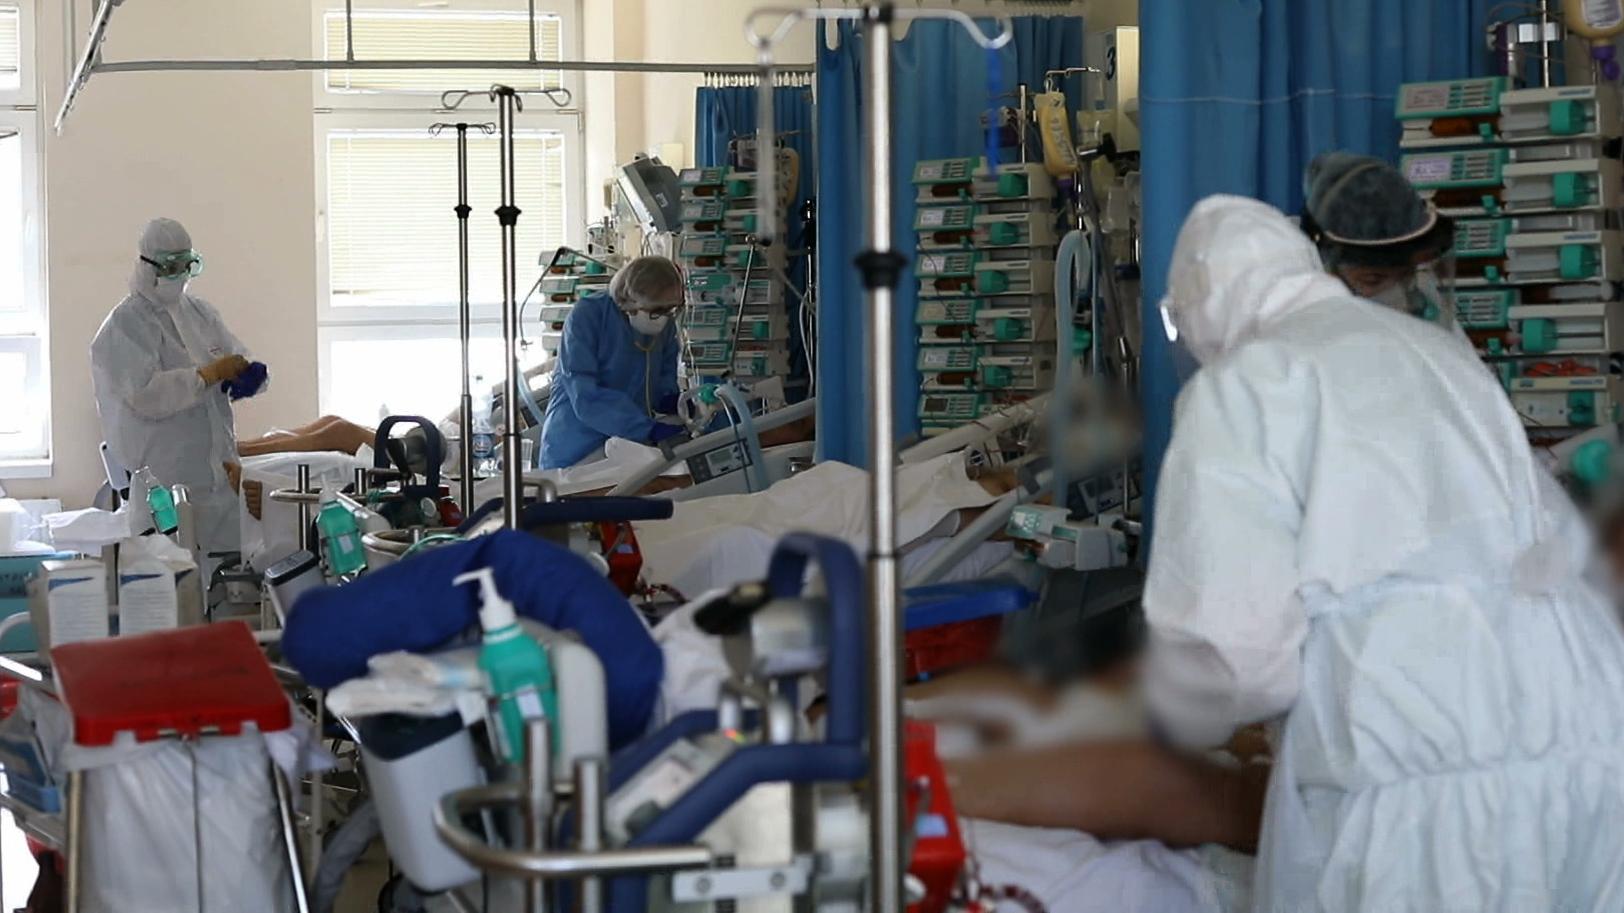 Szpitale wypełniają się, a zakażonych jest coraz więcej